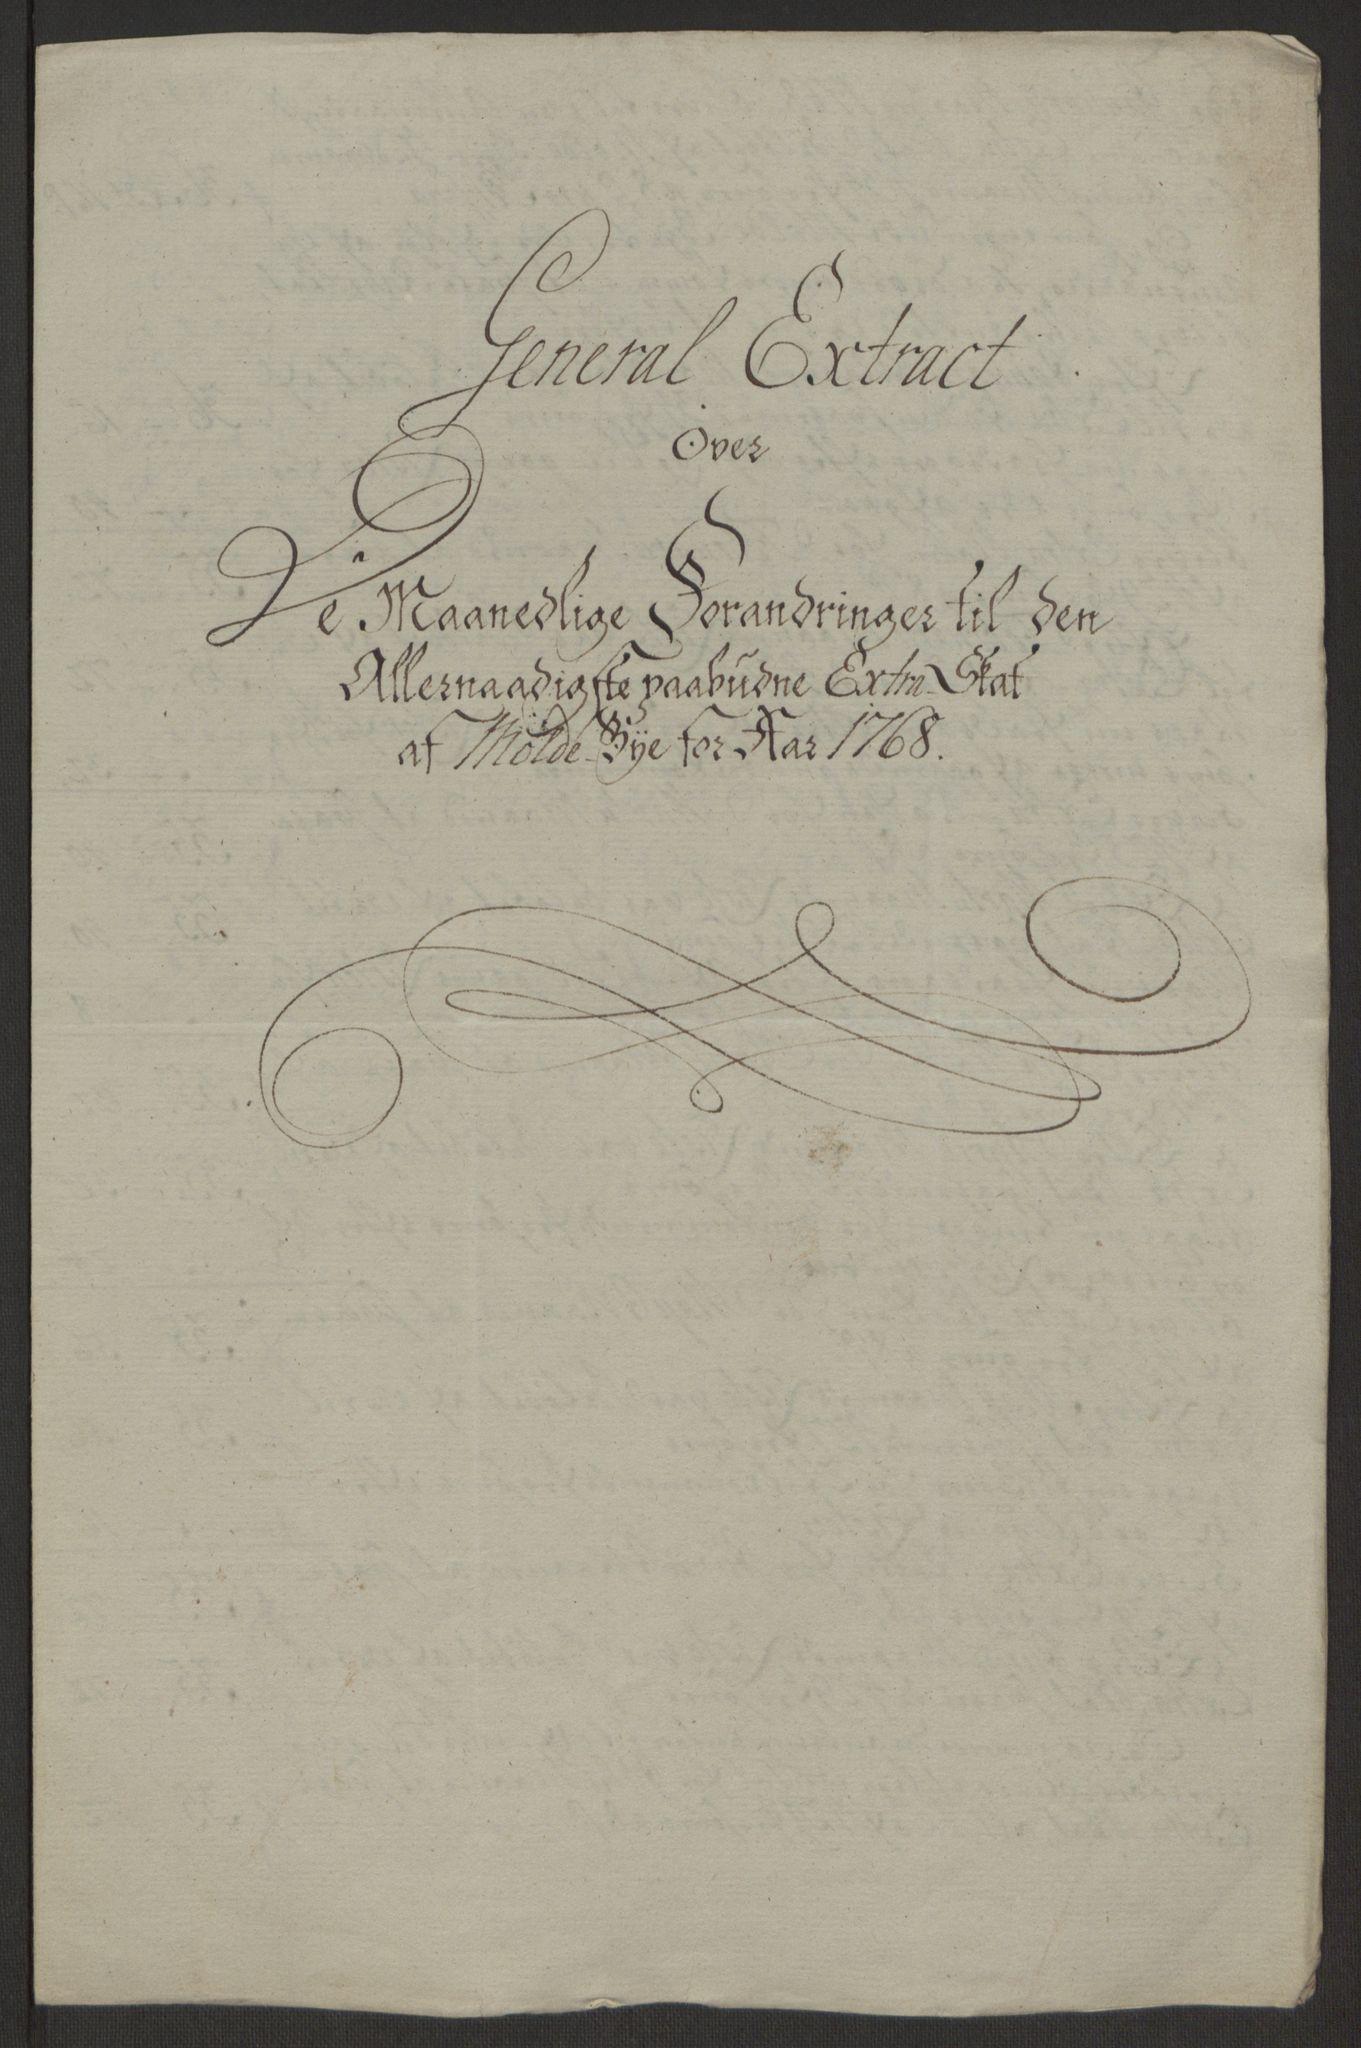 RA, Rentekammeret inntil 1814, Reviderte regnskaper, Byregnskaper, R/Rq/L0487: [Q1] Kontribusjonsregnskap, 1762-1772, s. 163